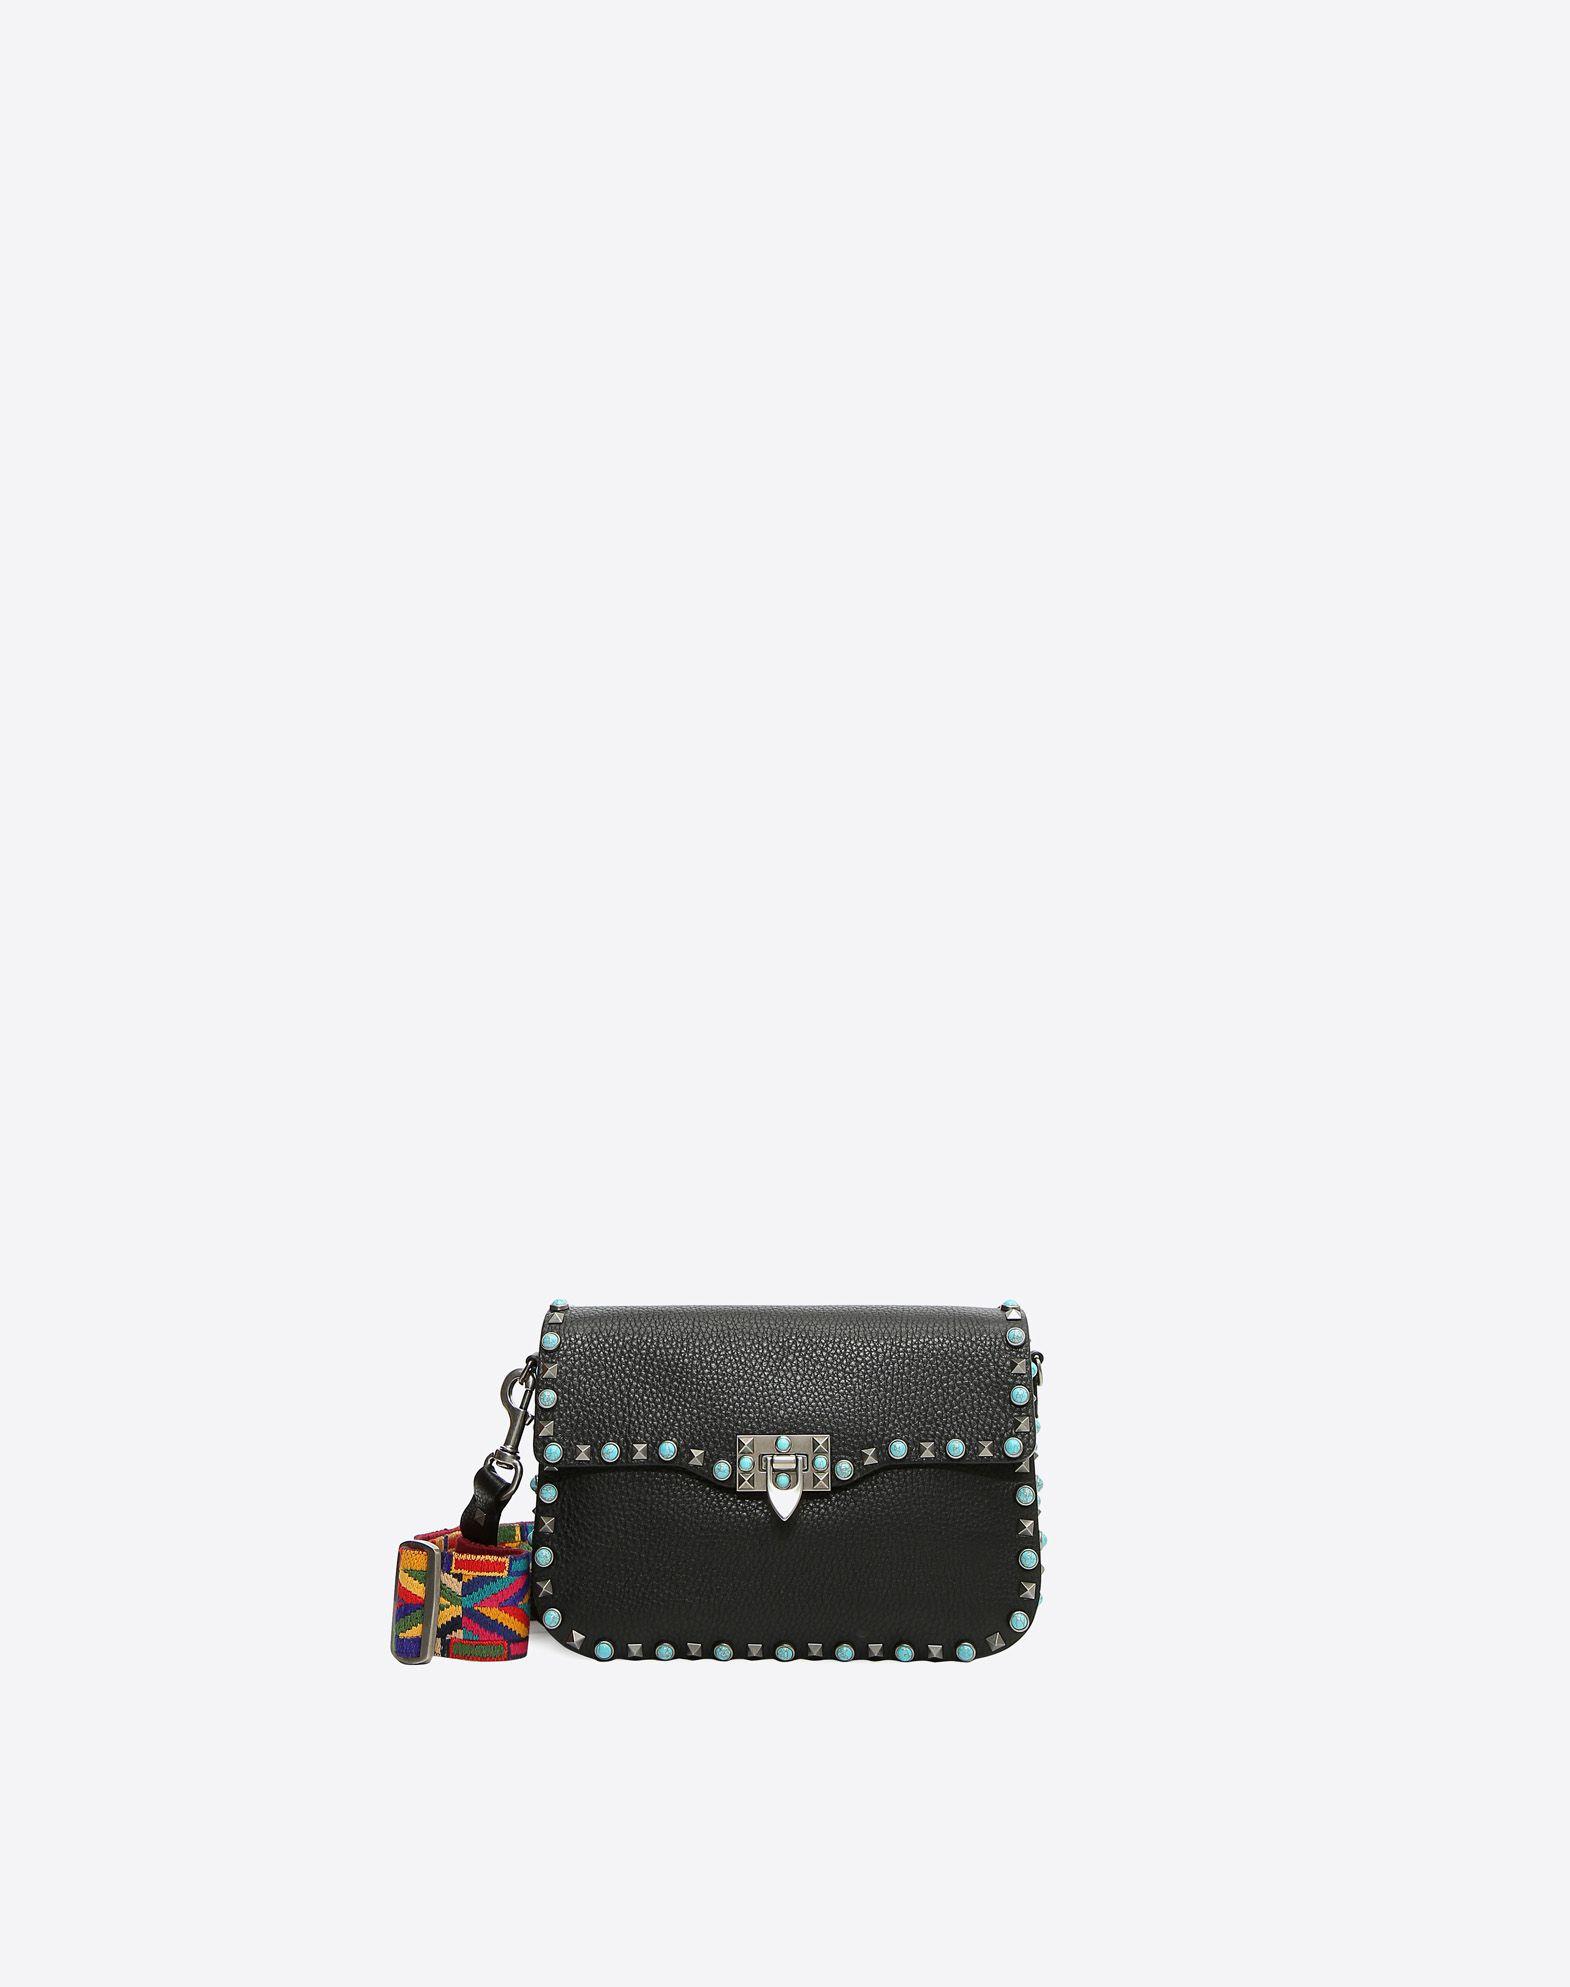 VALENTINO Contrasting applications Framed closure Removable shoulder strap Internal zip pocket  45330992em